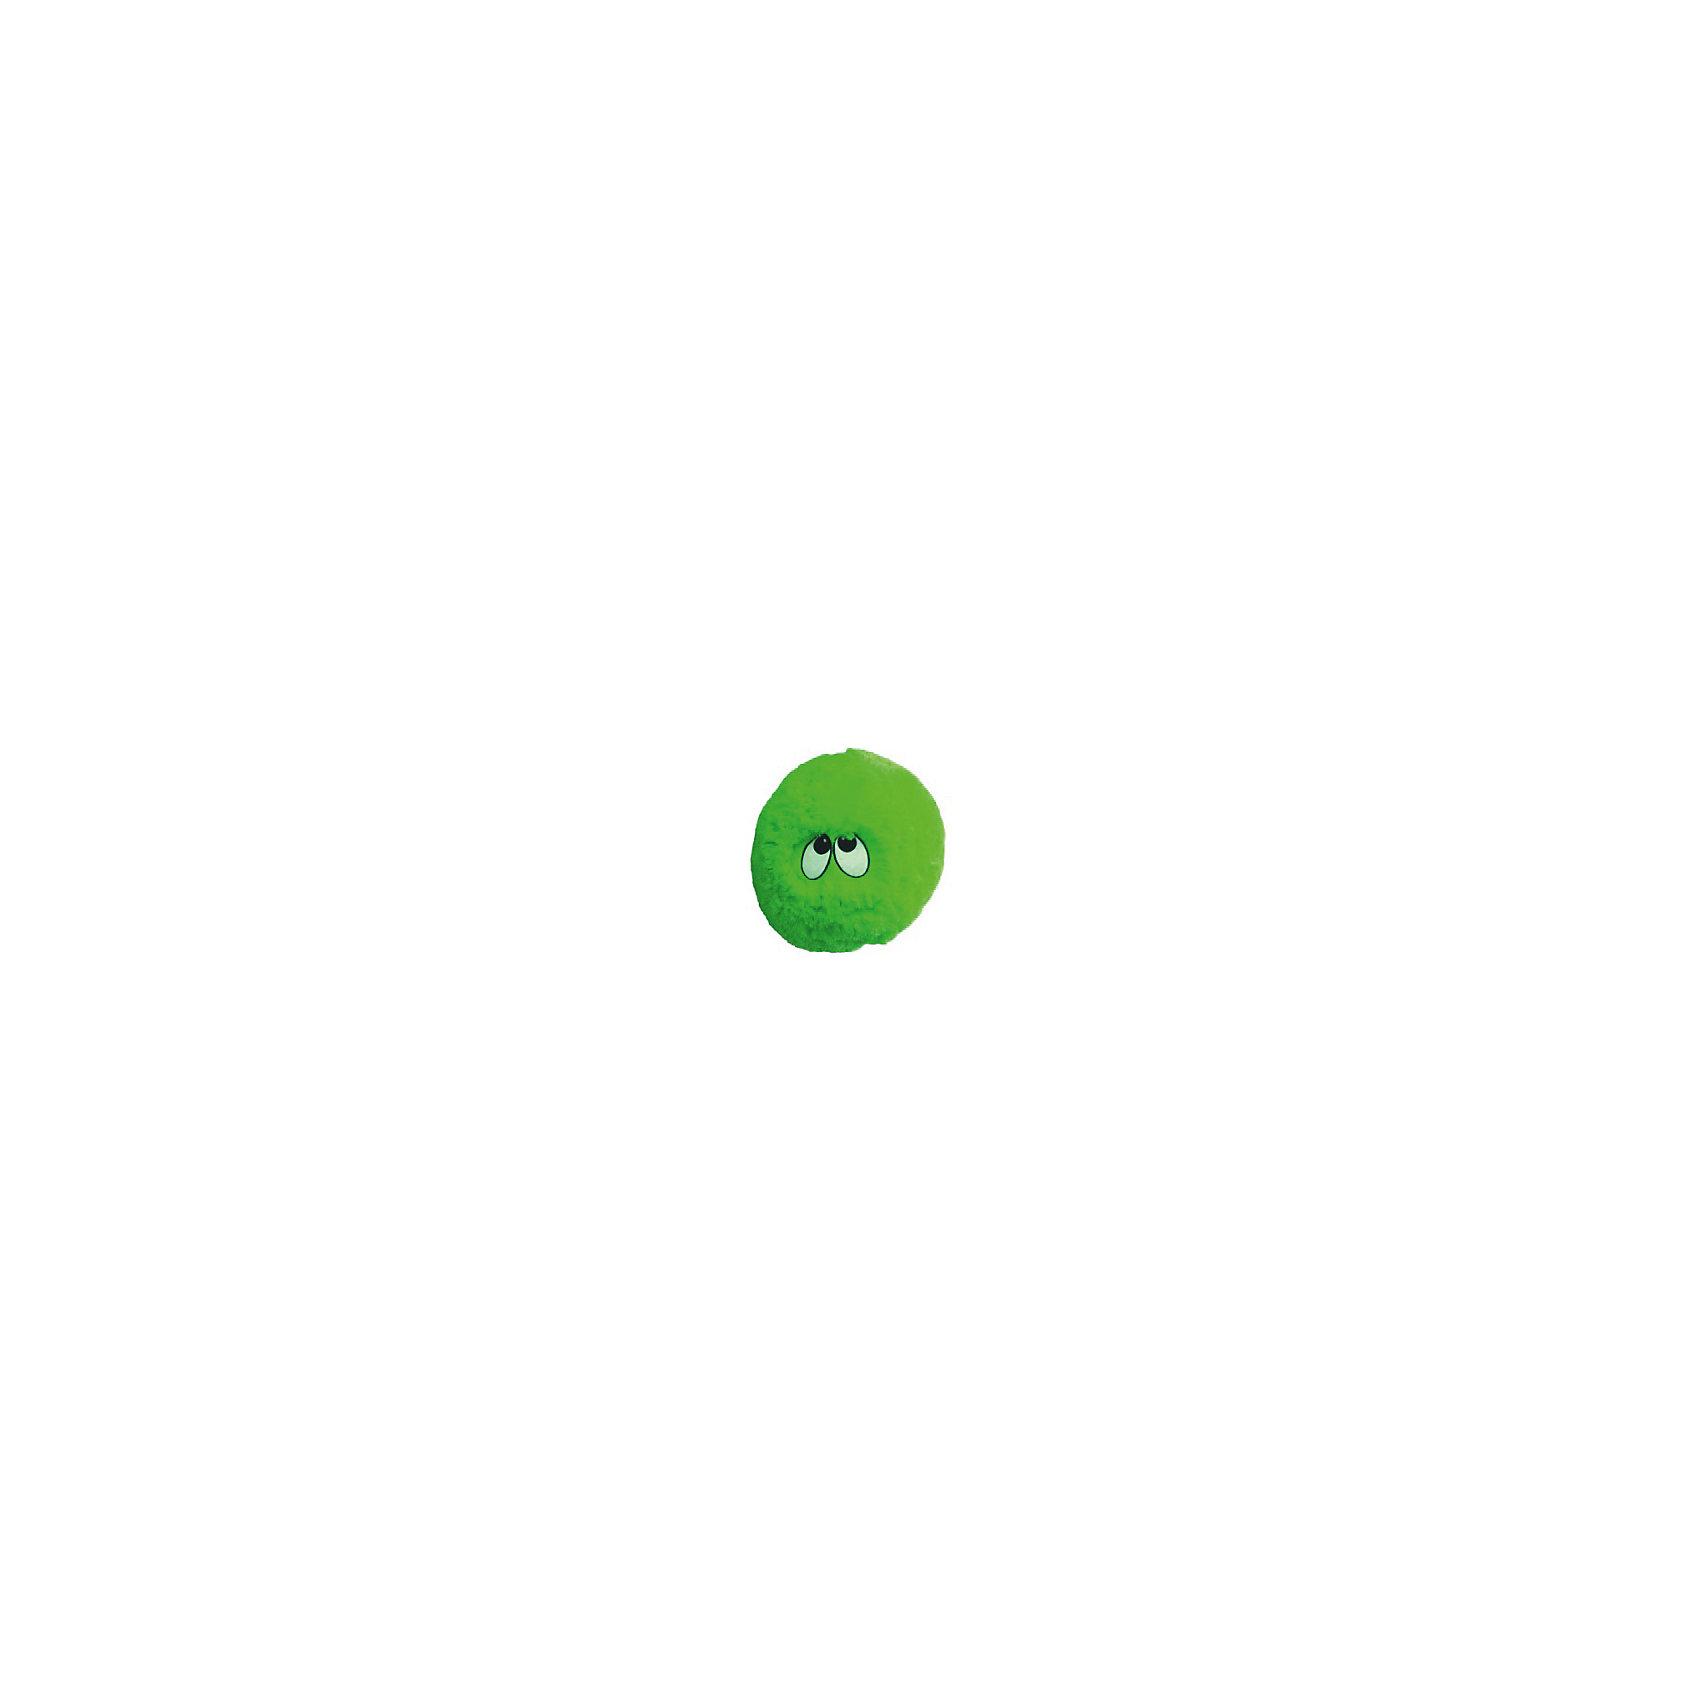 Игрушка Мягкий Камень, Small Toys, салатовыйДомашний текстиль<br>Характеристики товара:<br><br>• цвет: салатовый<br>• размер игрушки: 35х35х35см<br>• возраст: с 3 лет<br>• материал: плюш<br>• страна бренда: Россия<br><br>Мягкая игрушка от Российского производителя послужит отличным подарком как для детей, так и для взрослых.<br><br>Мягкий камень с глазками очень приятный на ощупь. Он изготовлен из качественного плюша с использование наполнителя и не имеет пластиковых элементов. <br><br>Игрушка Мягкий Камень, Small Toys, салатовый можно купить в нашем интернет-магазине.<br><br>Ширина мм: 35<br>Глубина мм: 35<br>Высота мм: 35<br>Вес г: 740<br>Возраст от месяцев: 36<br>Возраст до месяцев: 1188<br>Пол: Унисекс<br>Возраст: Детский<br>SKU: 6727939